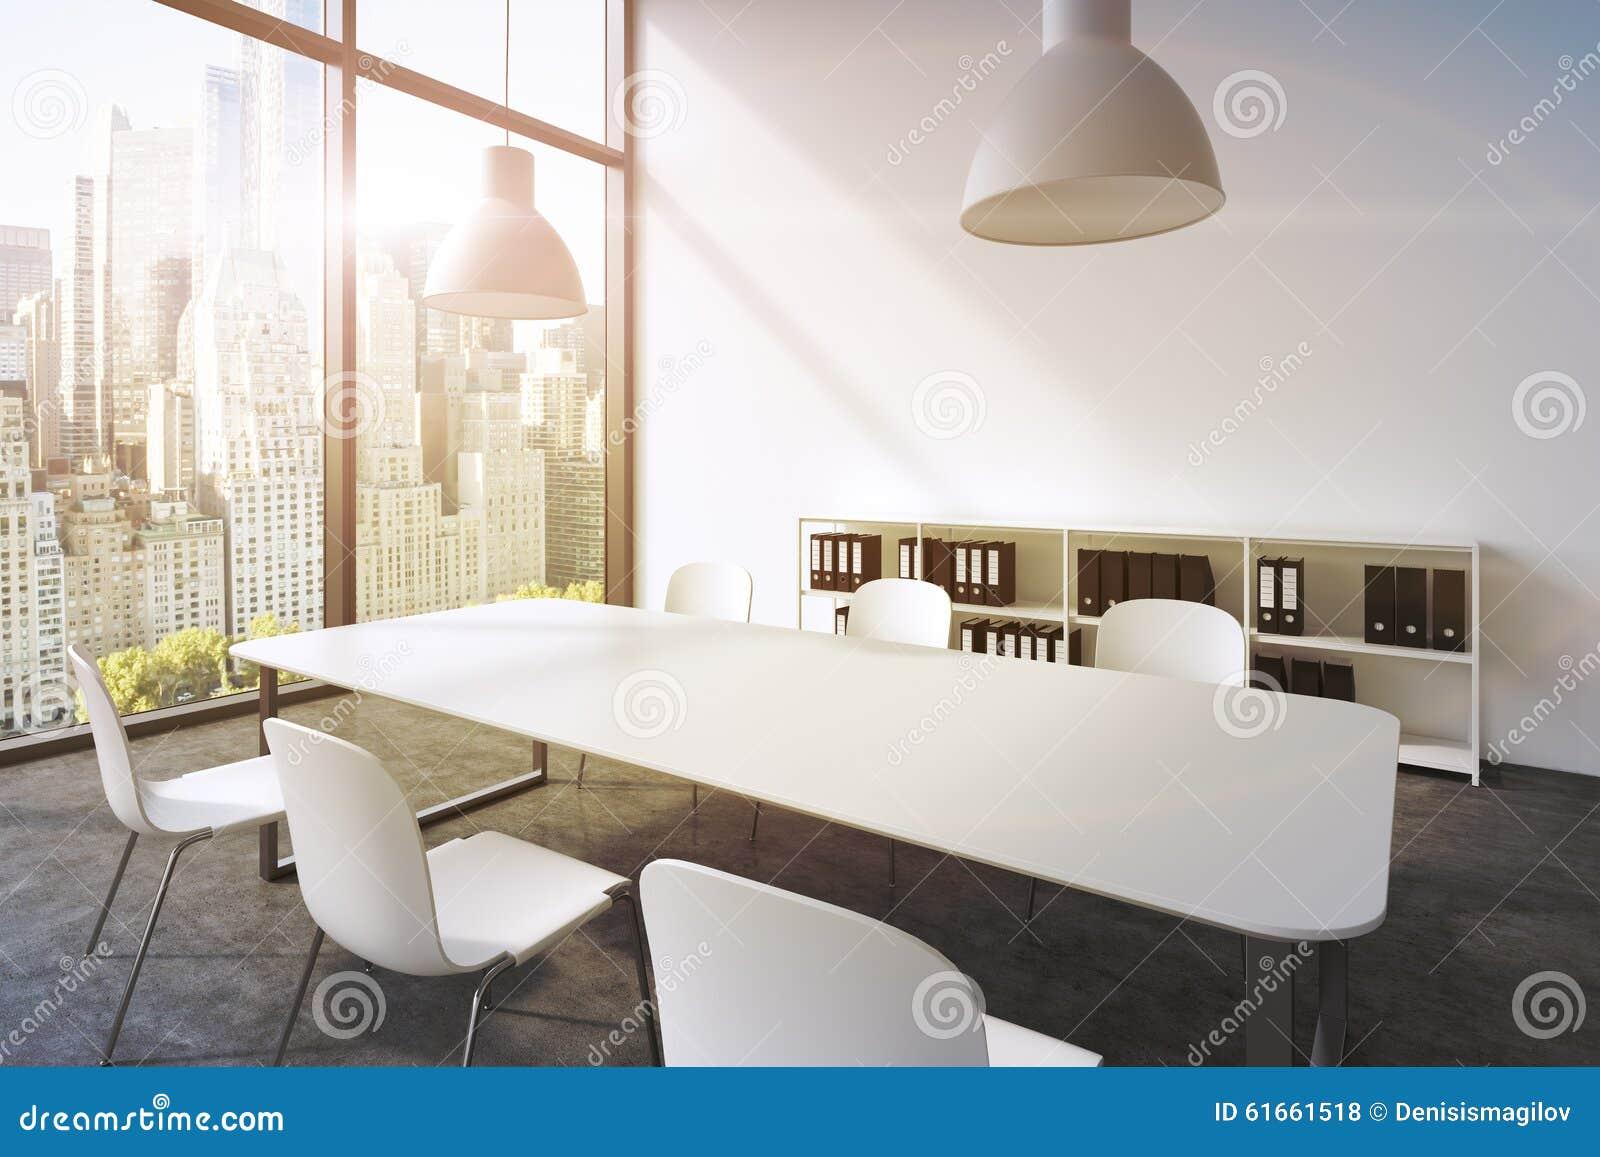 Plafoniera Ufficio Design : Un auditorium in ufficio panoramico moderno a new york tavola